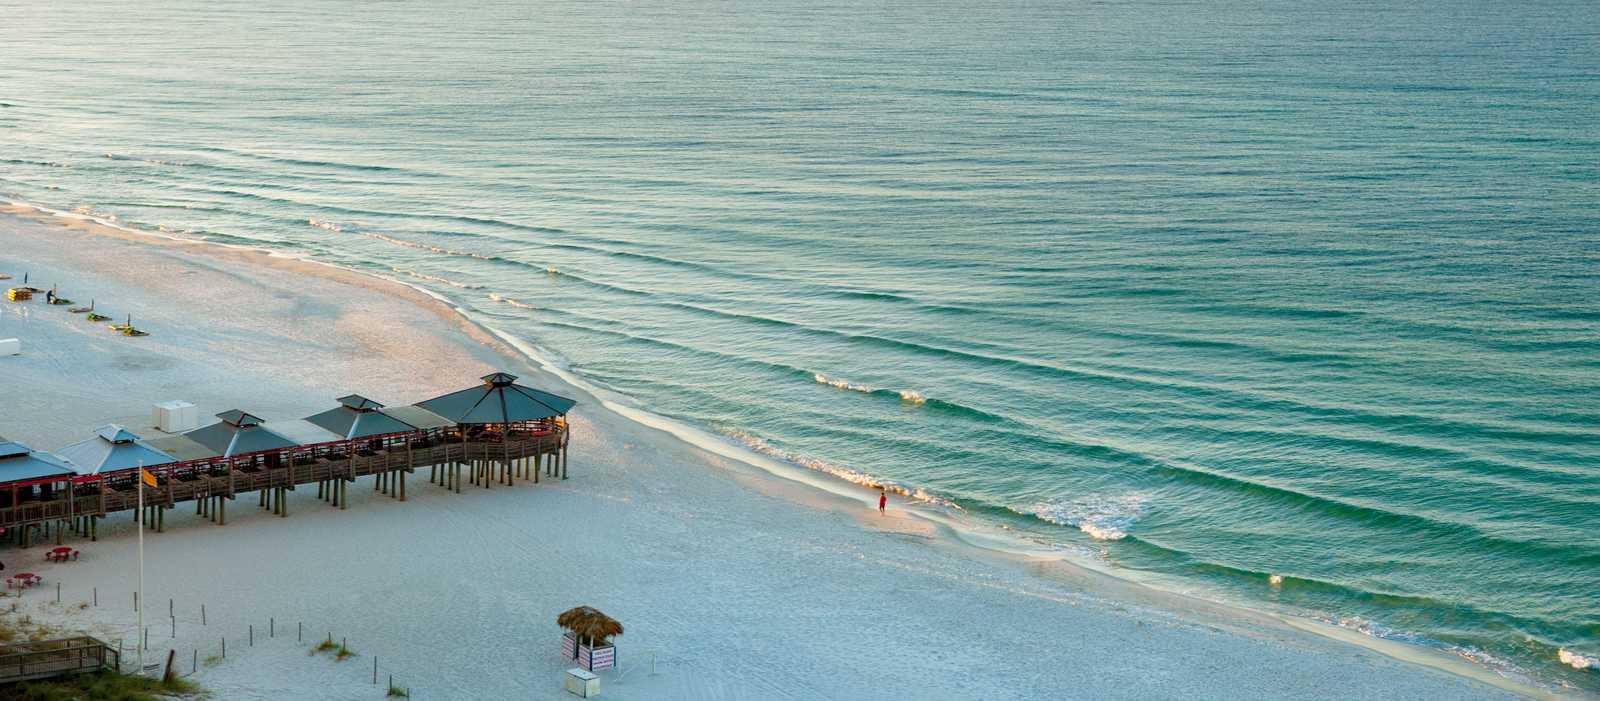 Das Pineapple Willy's Restaurant am Strand von Panama City Beach